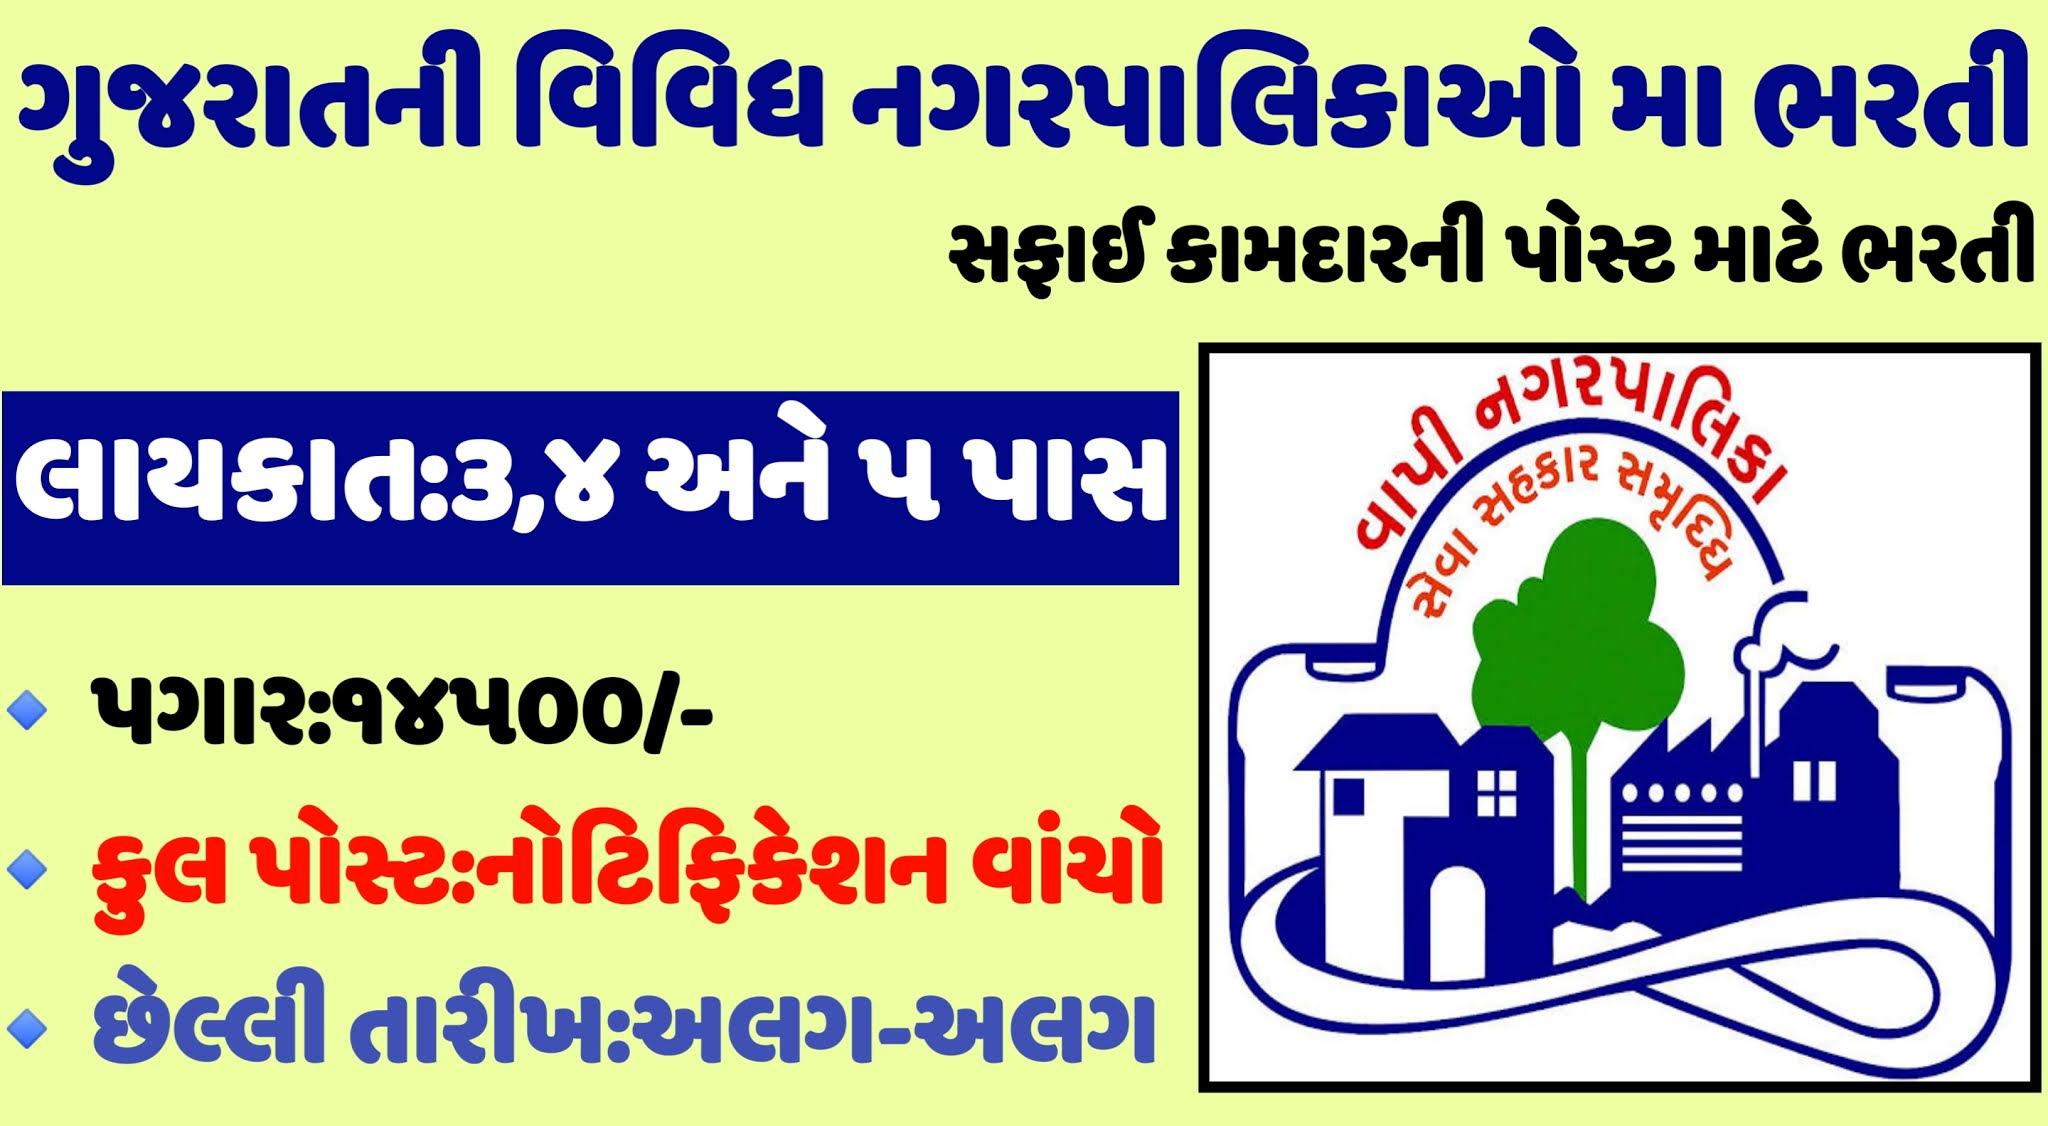 Gujarat nagarpalika recruitment 2021, nagarpalika recruitment 2021,tapi nagarpalika recruitment 2021, gujarat nagarpalika recruitment notification